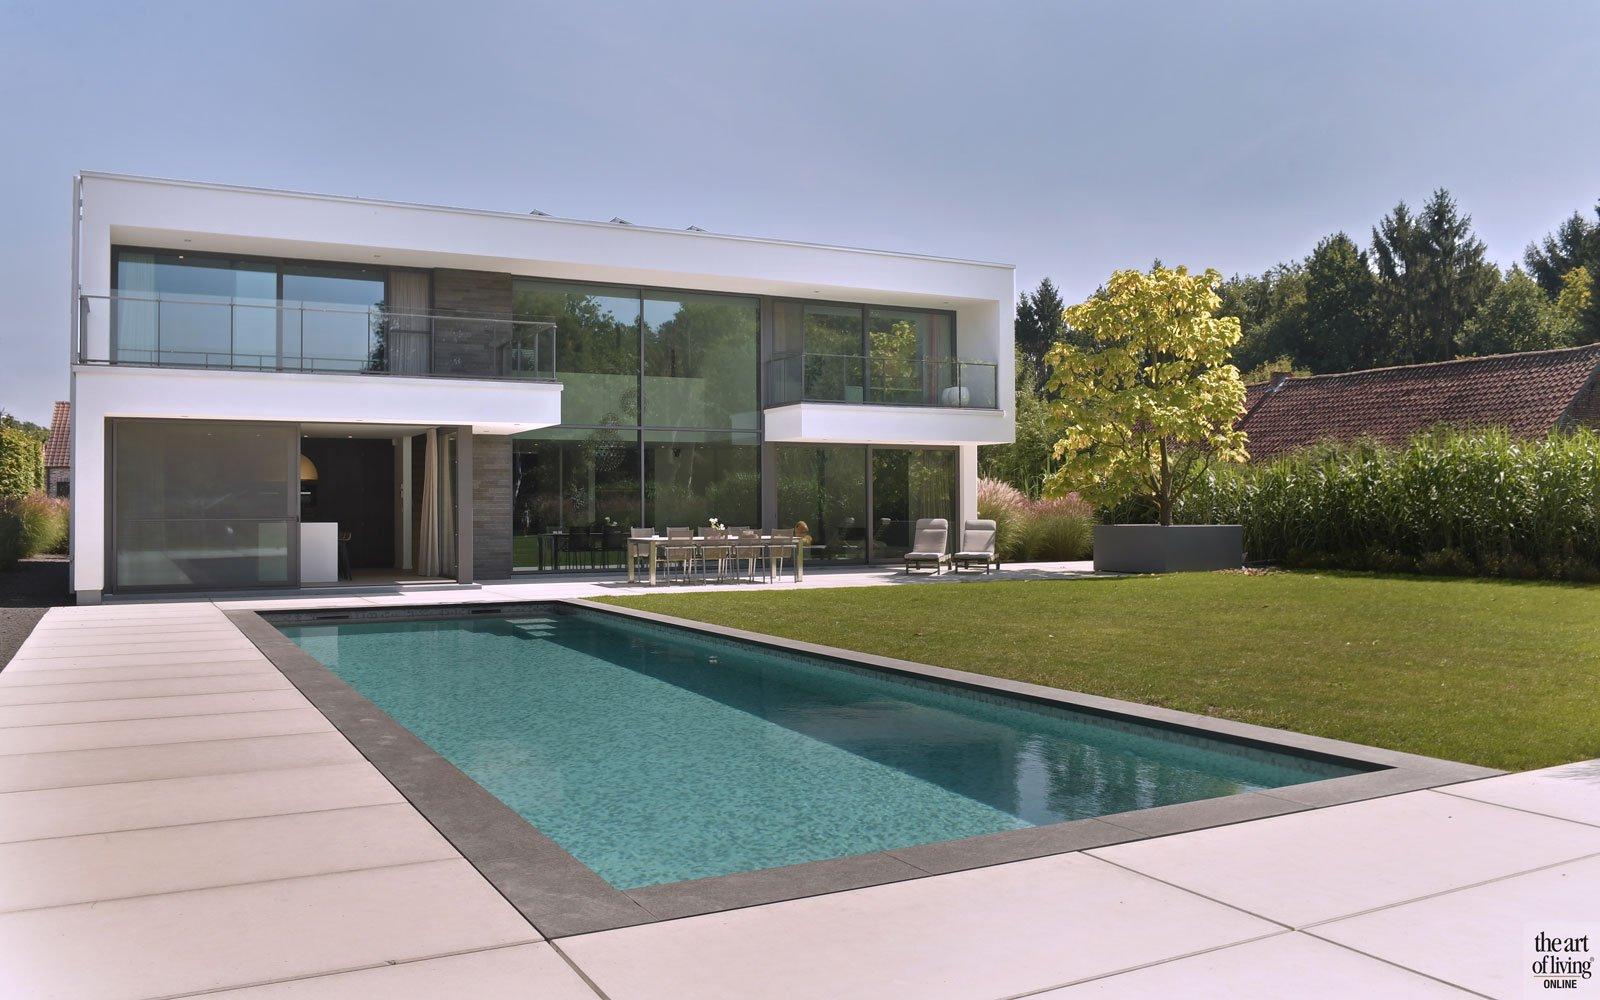 Moderne villa, Schellen Architecten, the art of living, zwembaden, zwembad, buitenzwembad, pool, swimming pool, exclusief zwembad